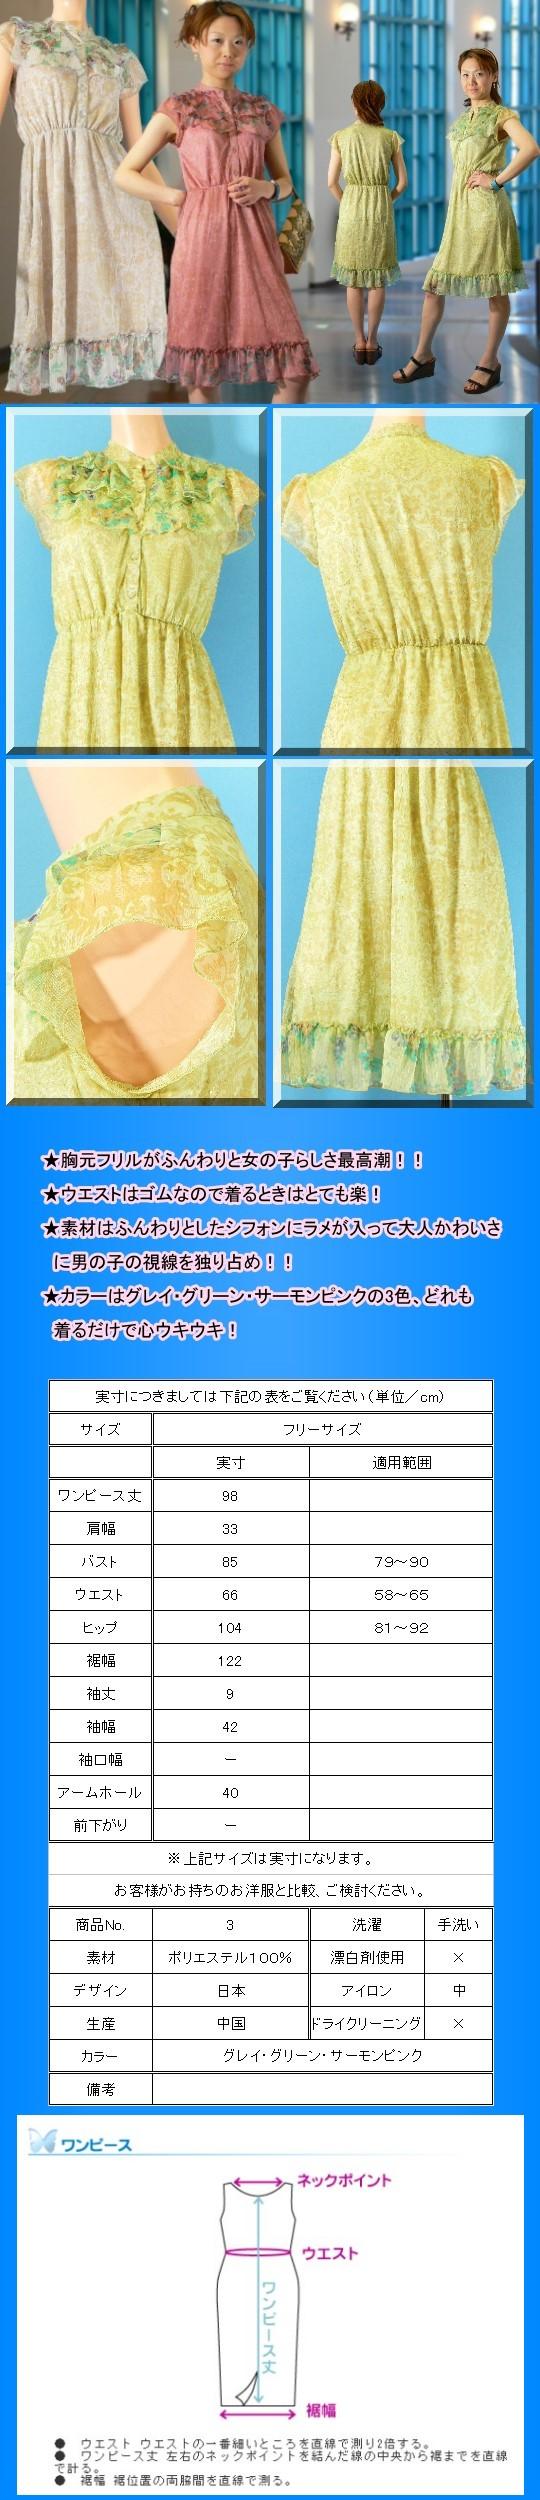 フラメンコ 衣装・フラダンス 衣装emika